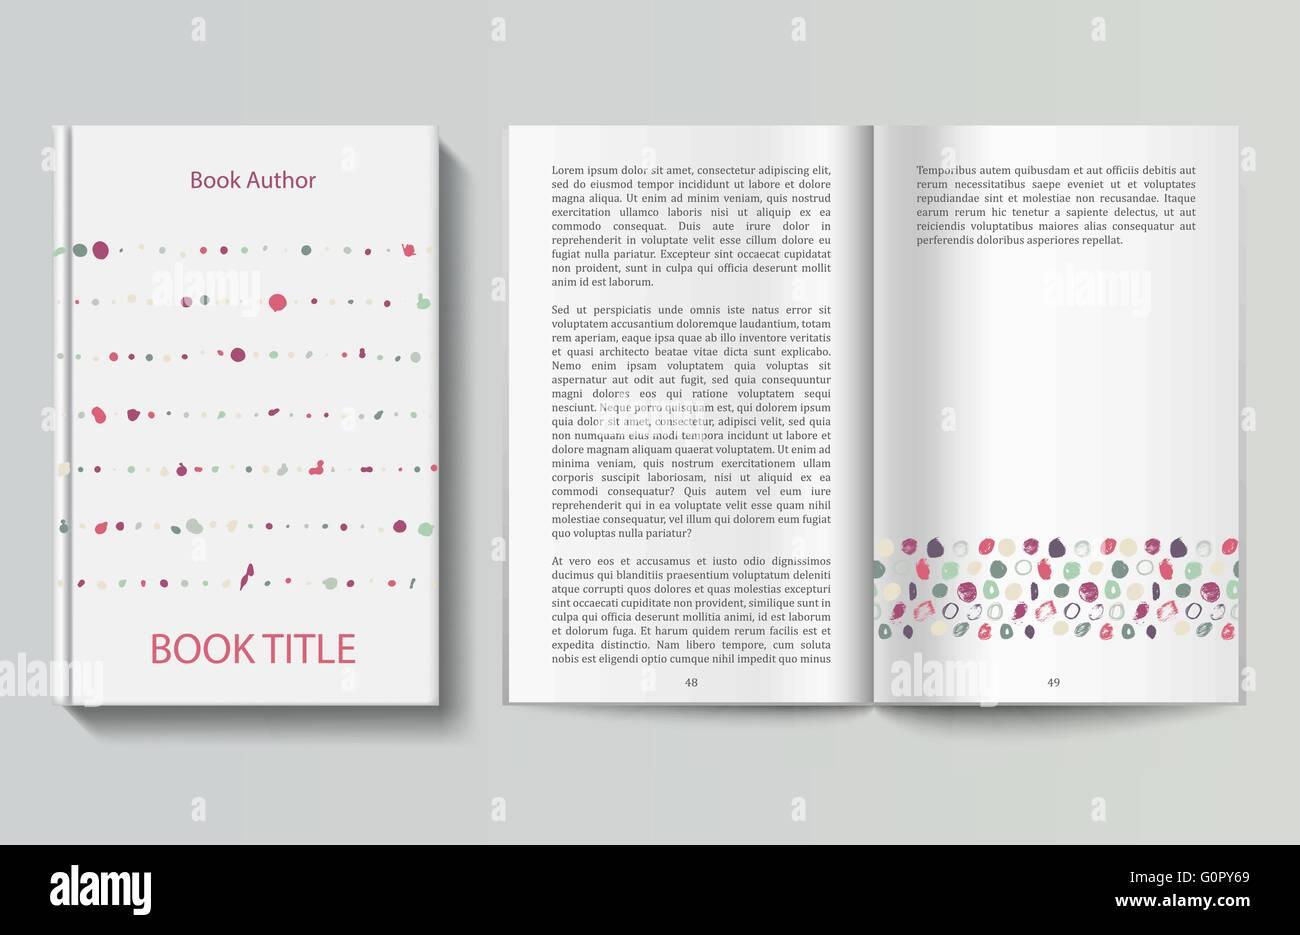 Buch-Design-Vorlage Vektor Abbildung - Bild: 103766497 - Alamy